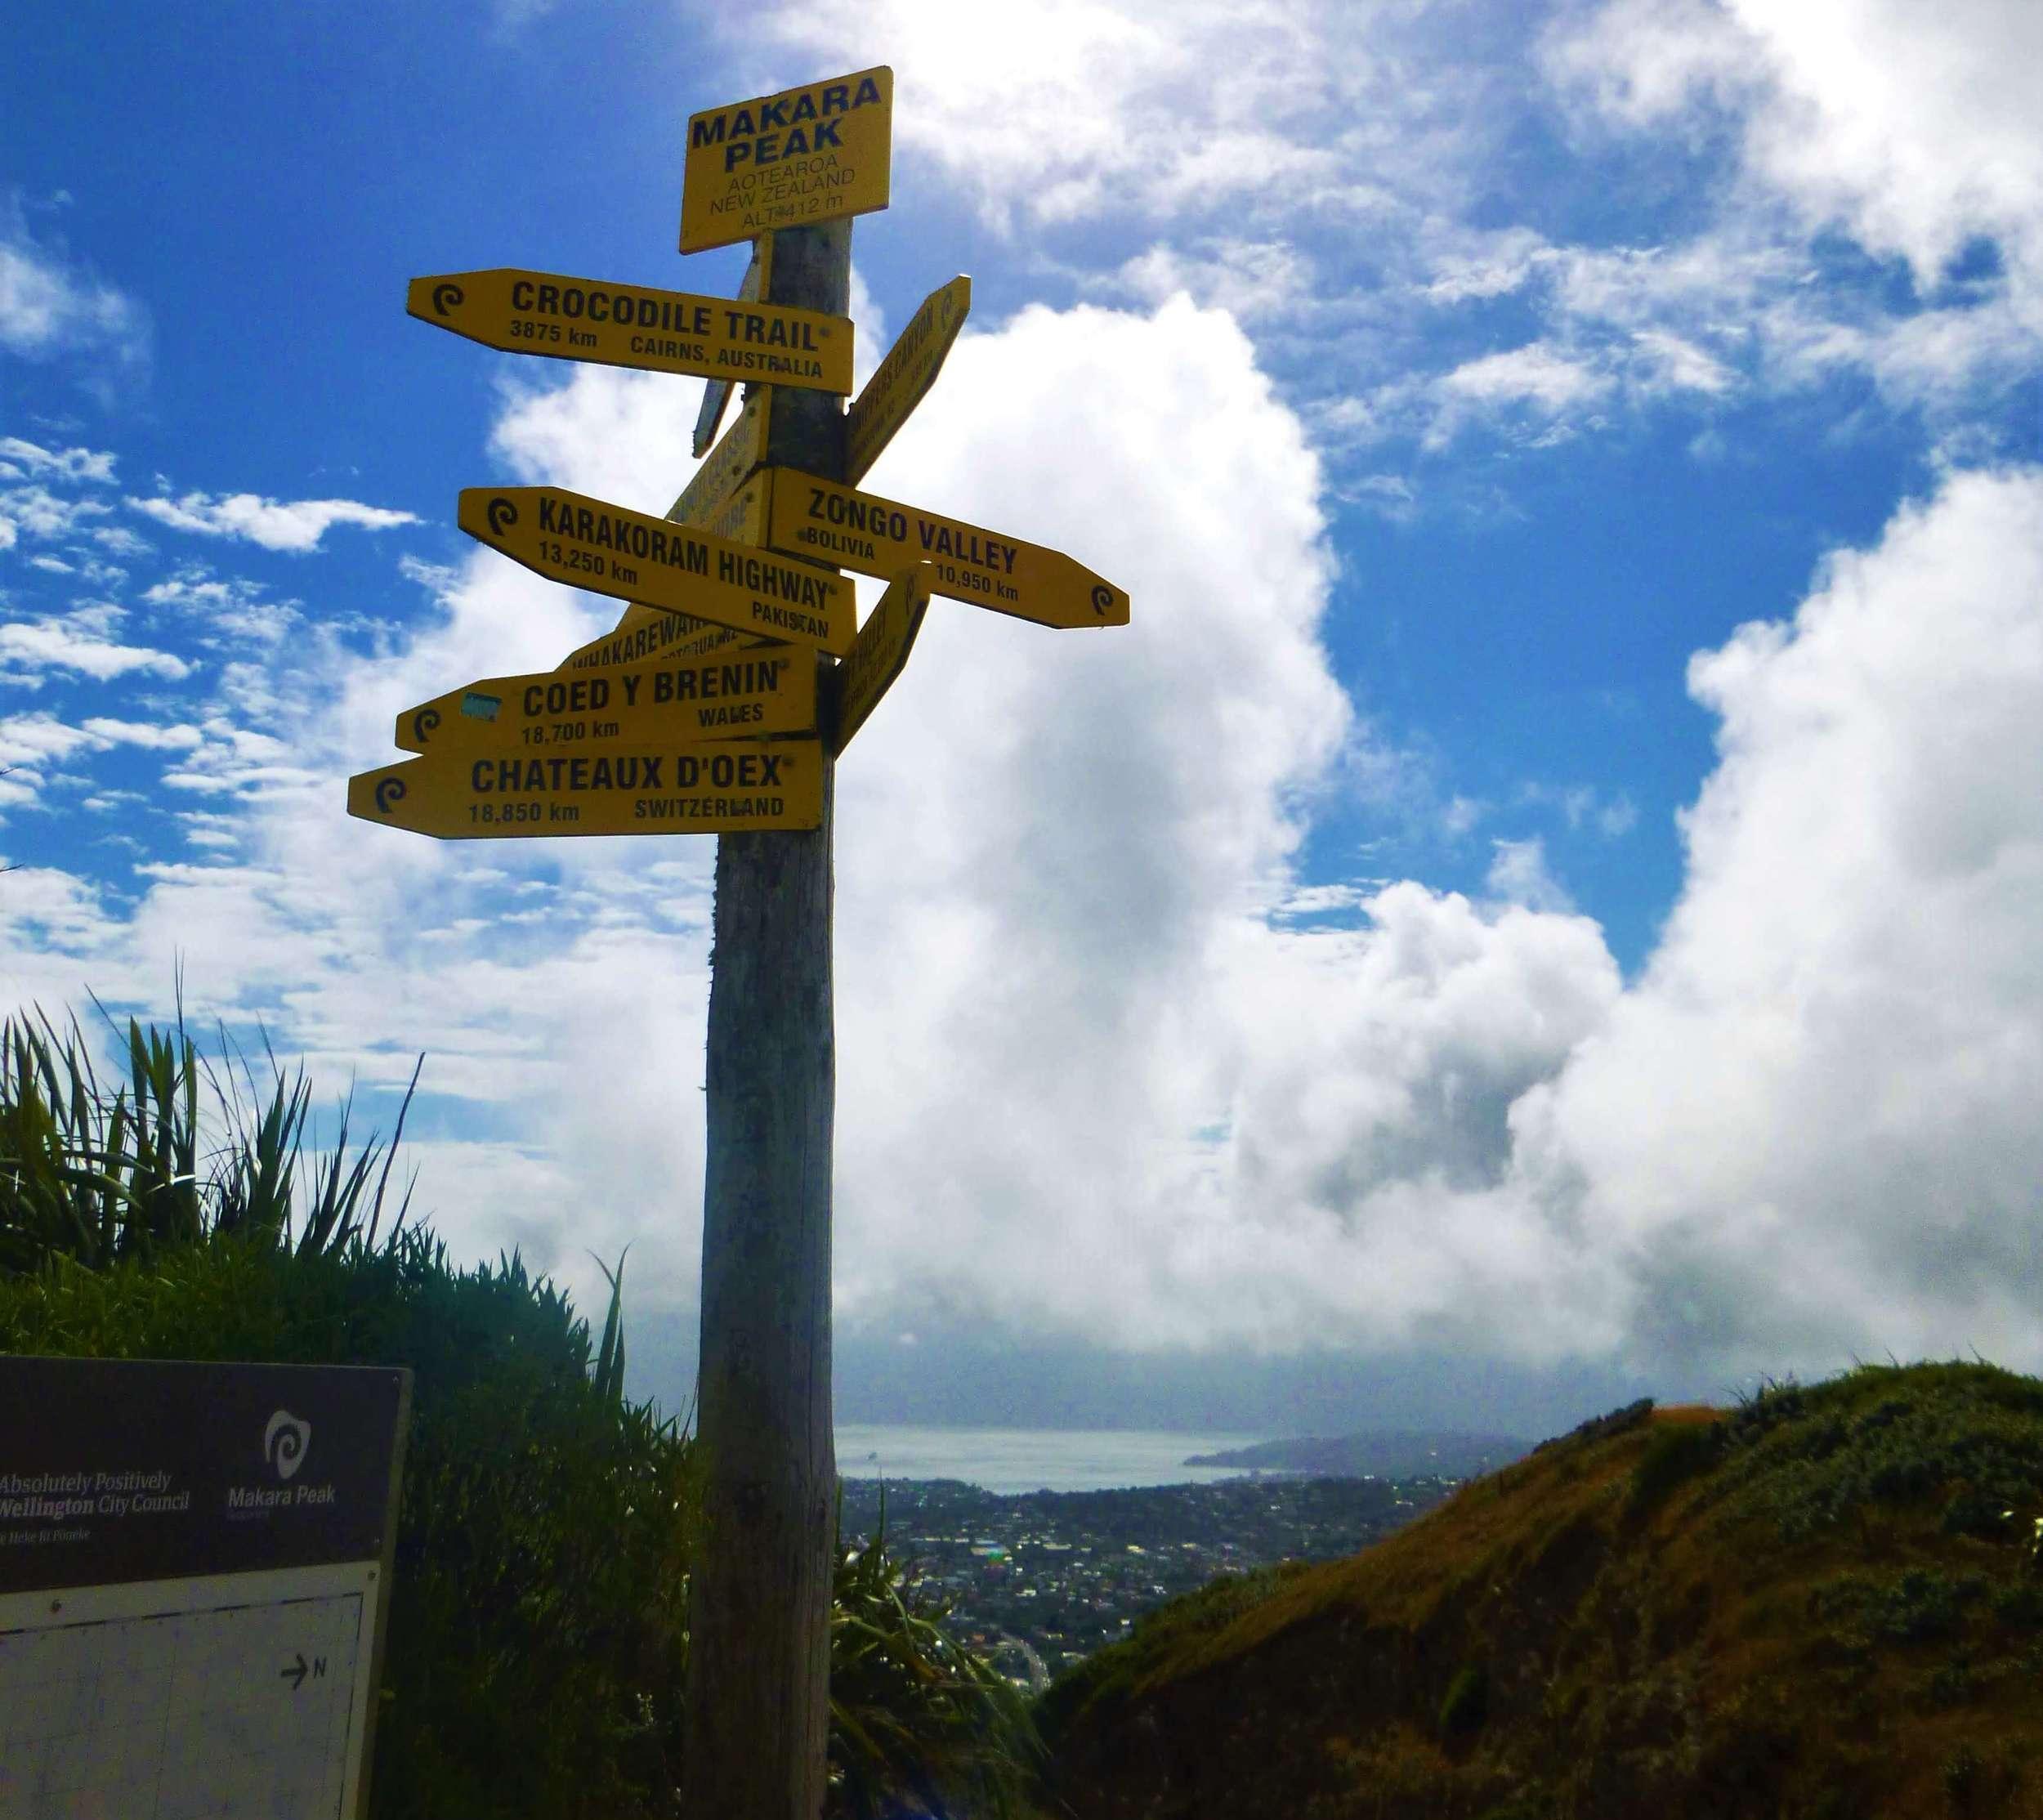 Walking in Wellington presents excellent vistas